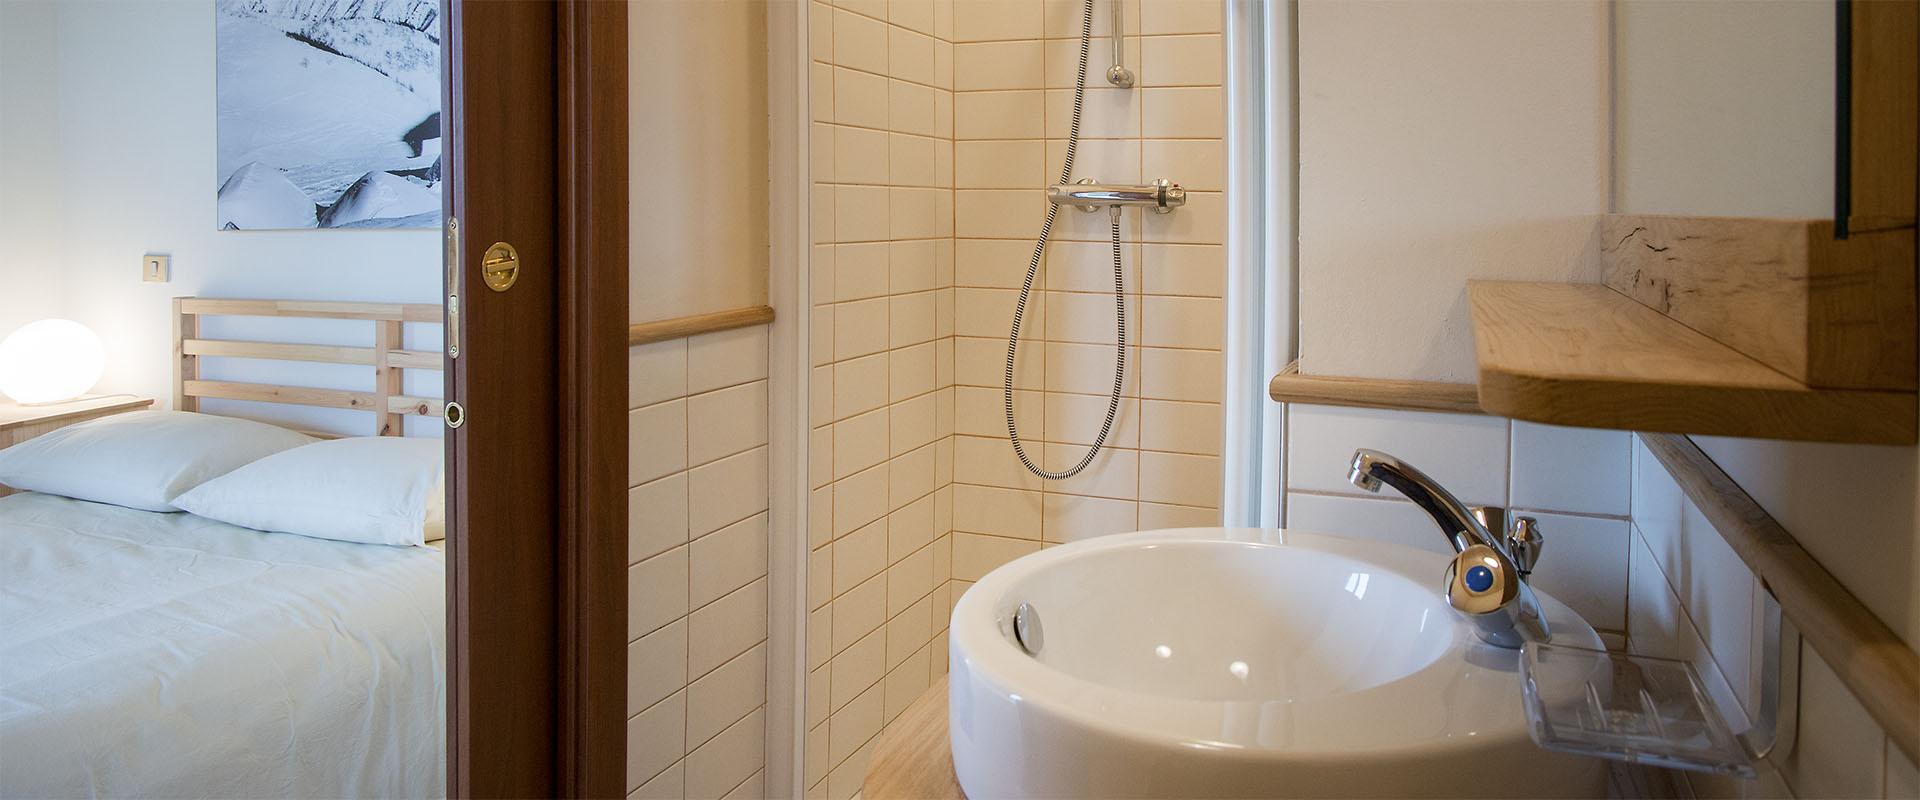 alpemoncerchio-camera-bagno